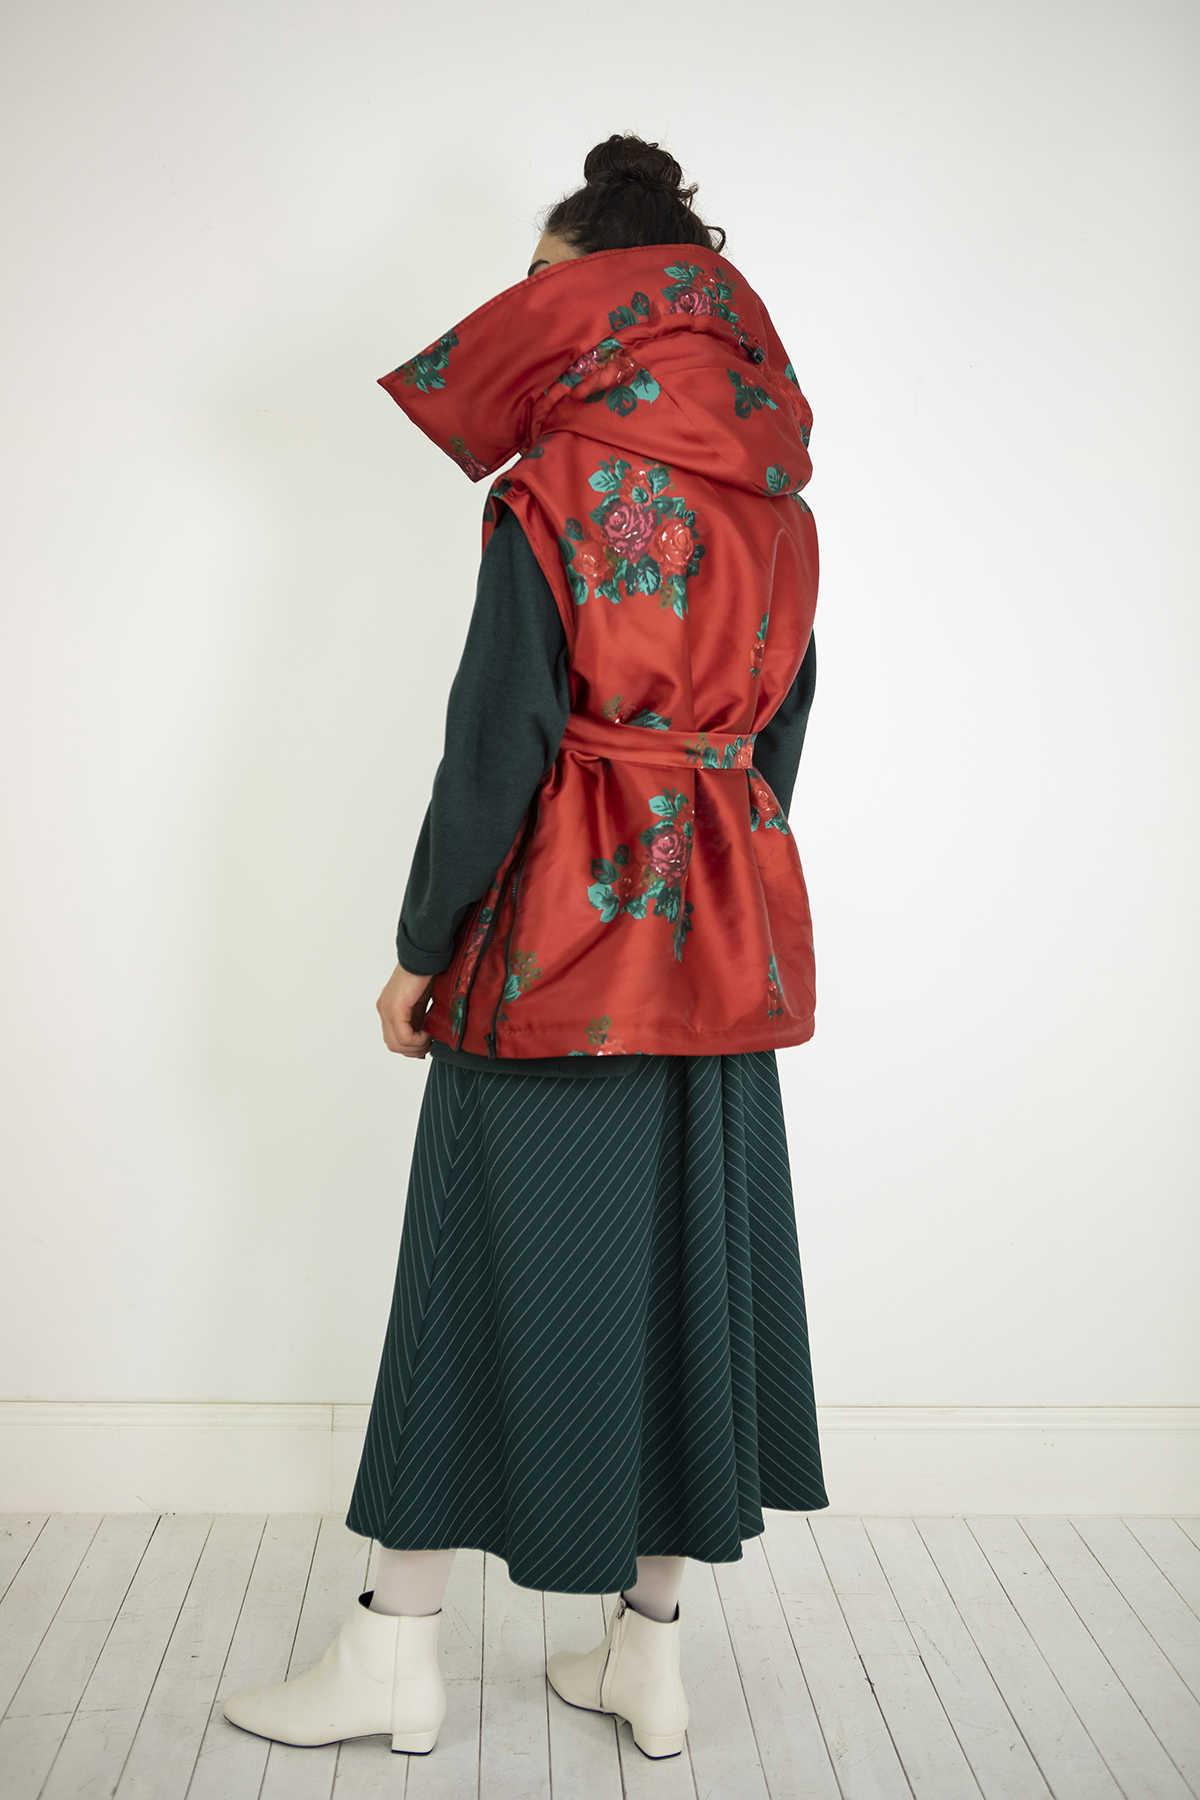 Kuaybe Gider Kırmızı Kadın Yelek 8027